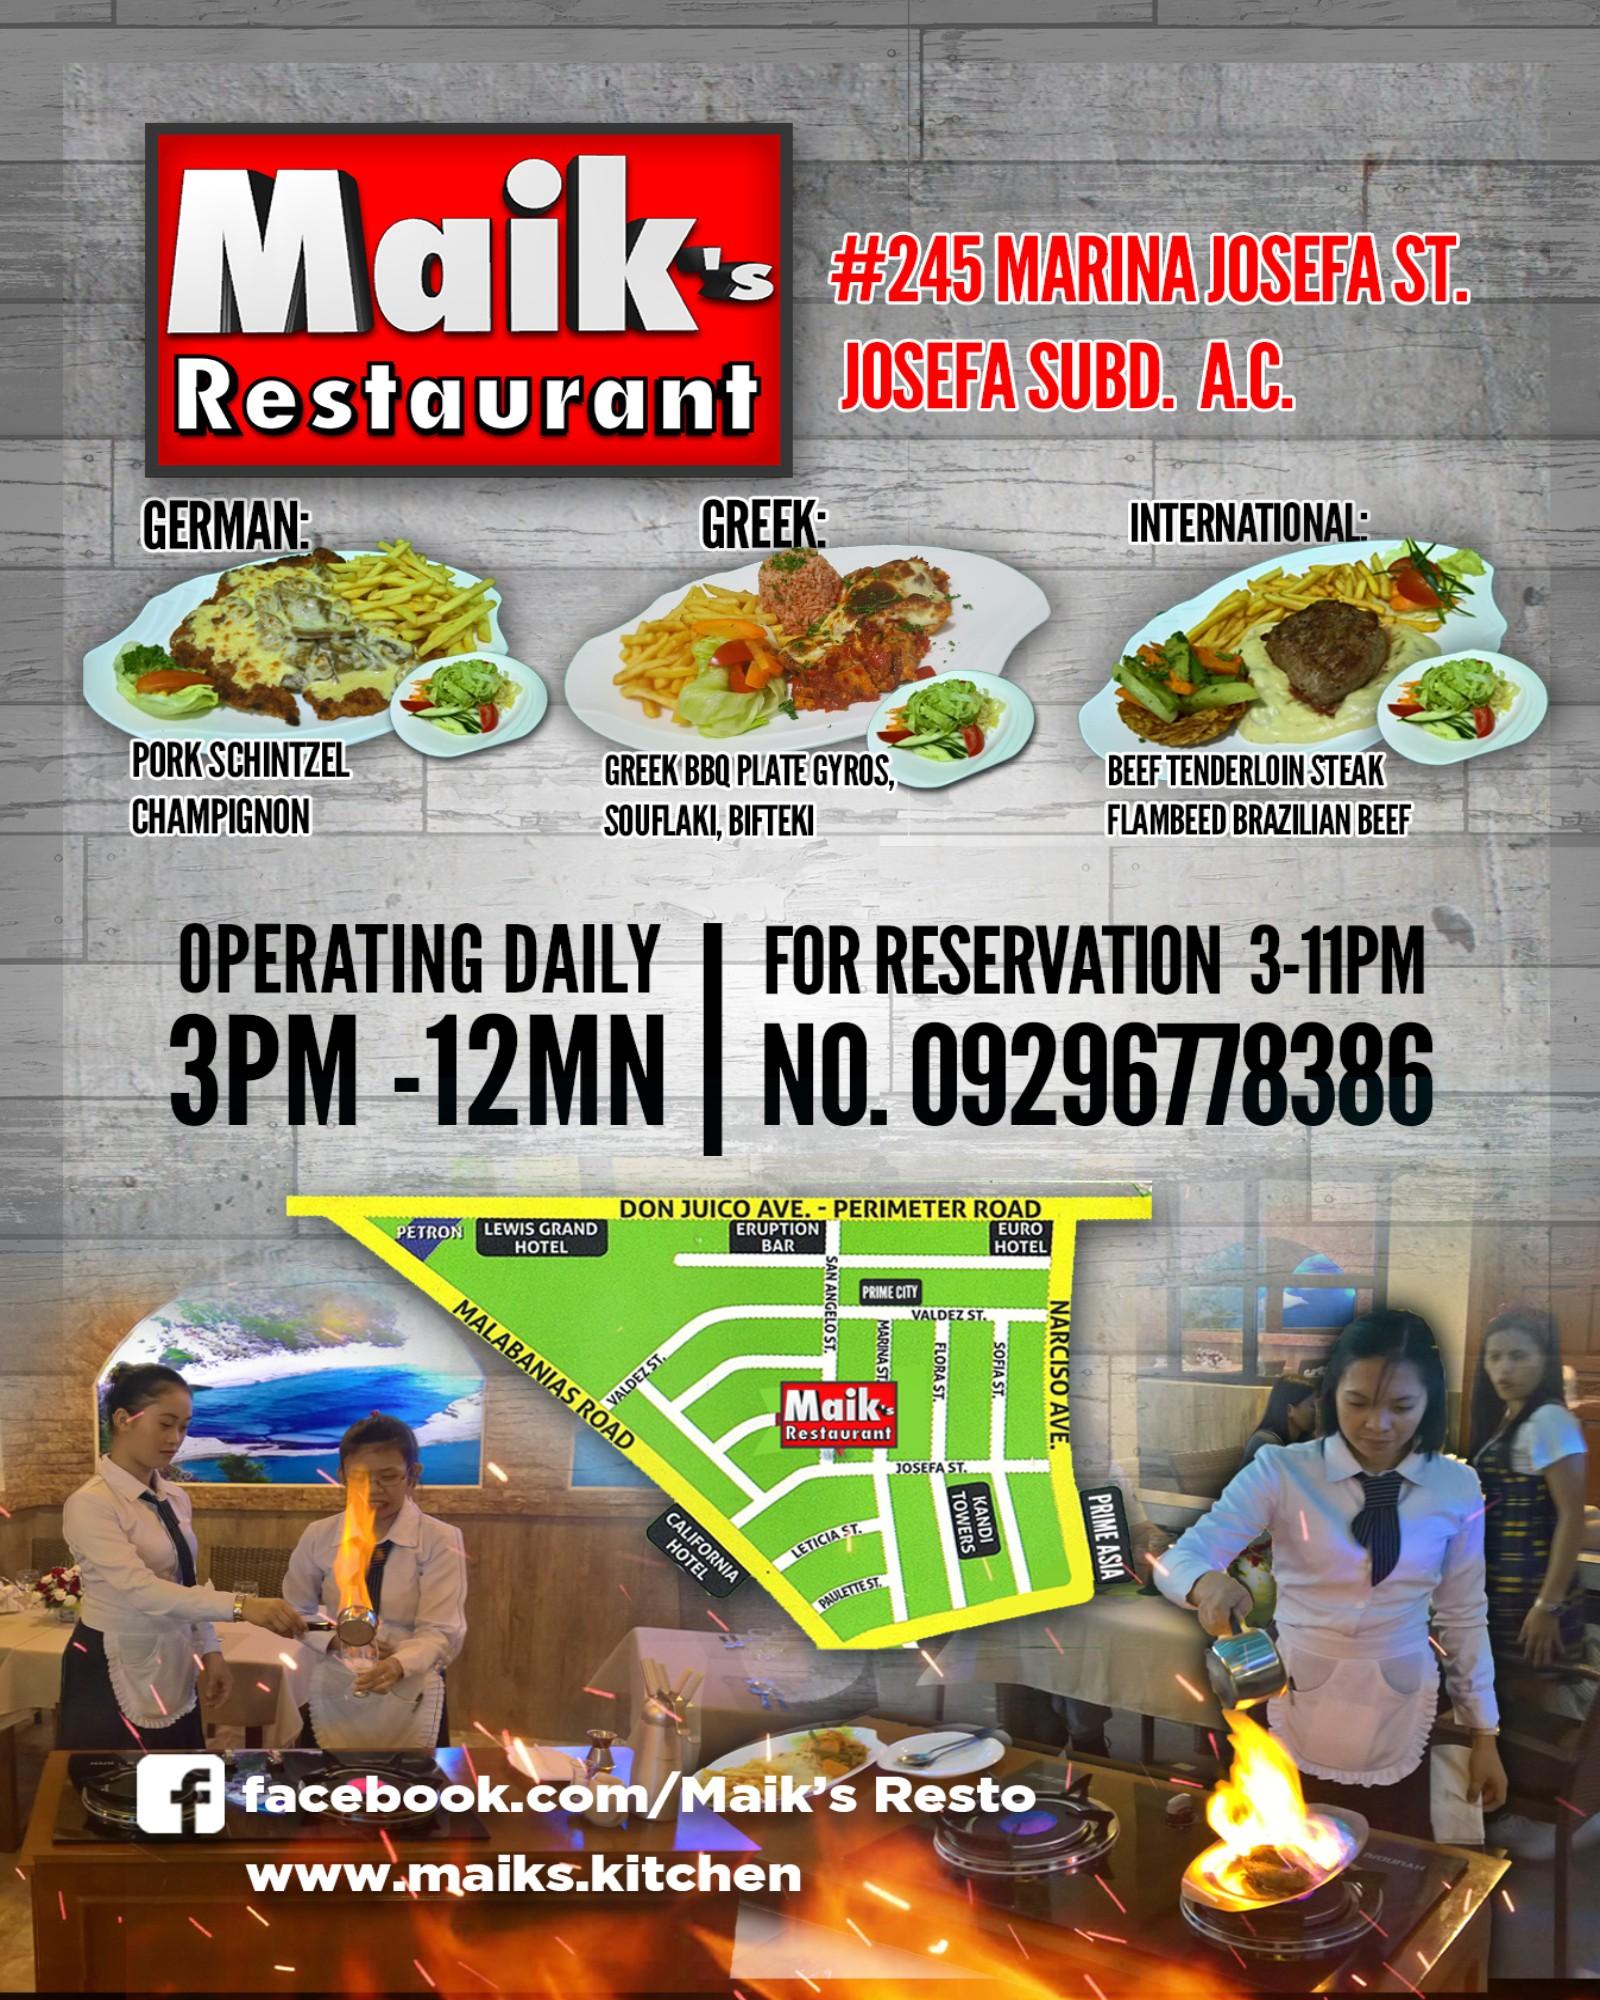 Maik's Restaurant